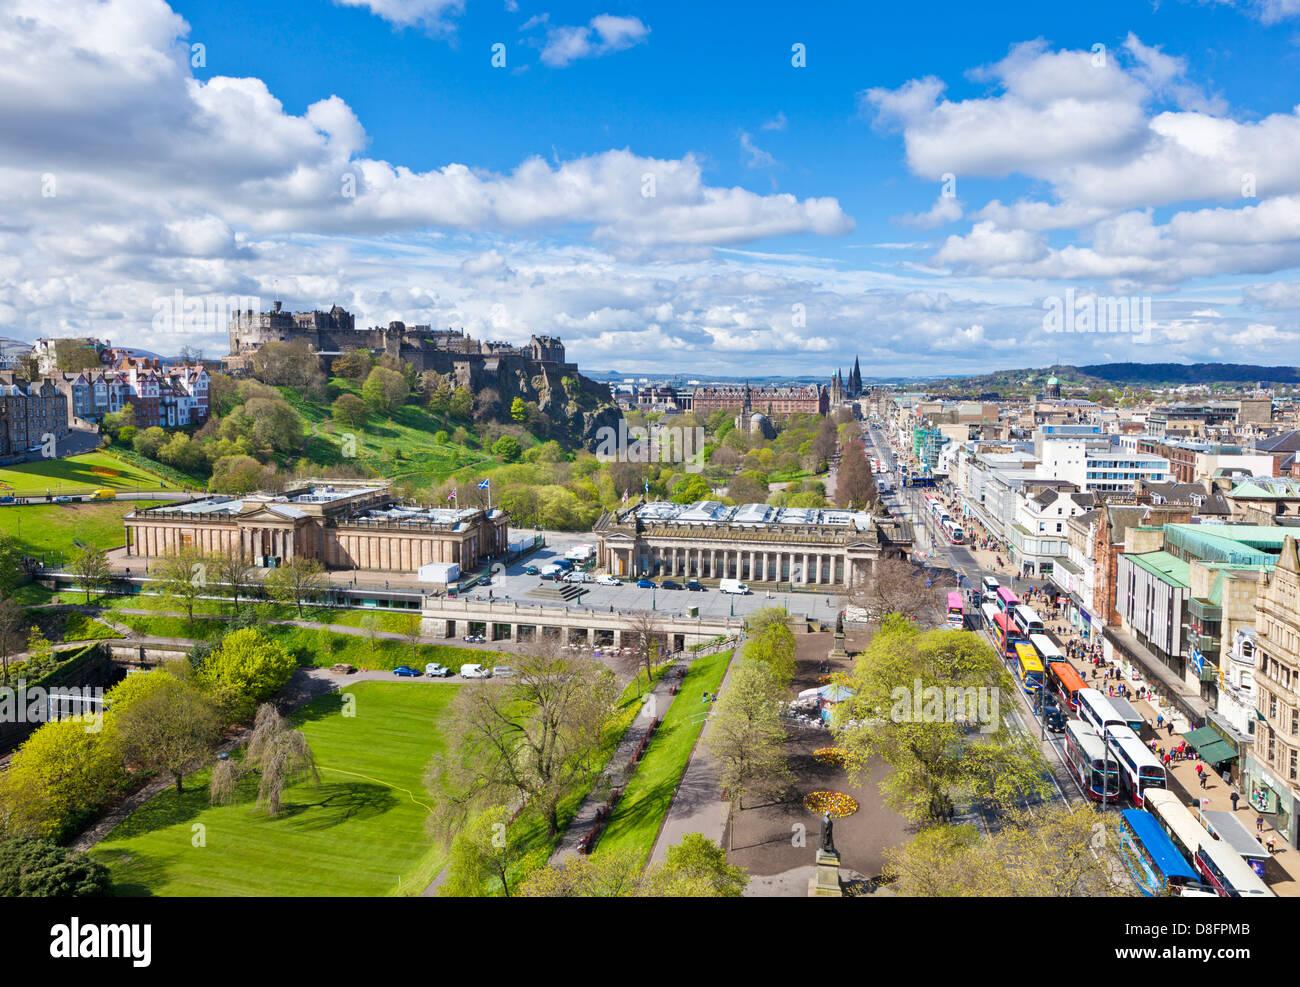 Les toits de la ville d'Edimbourg avec le casle Princes street et le centre-ville d'Édimbourg Edinburgh Photo Stock